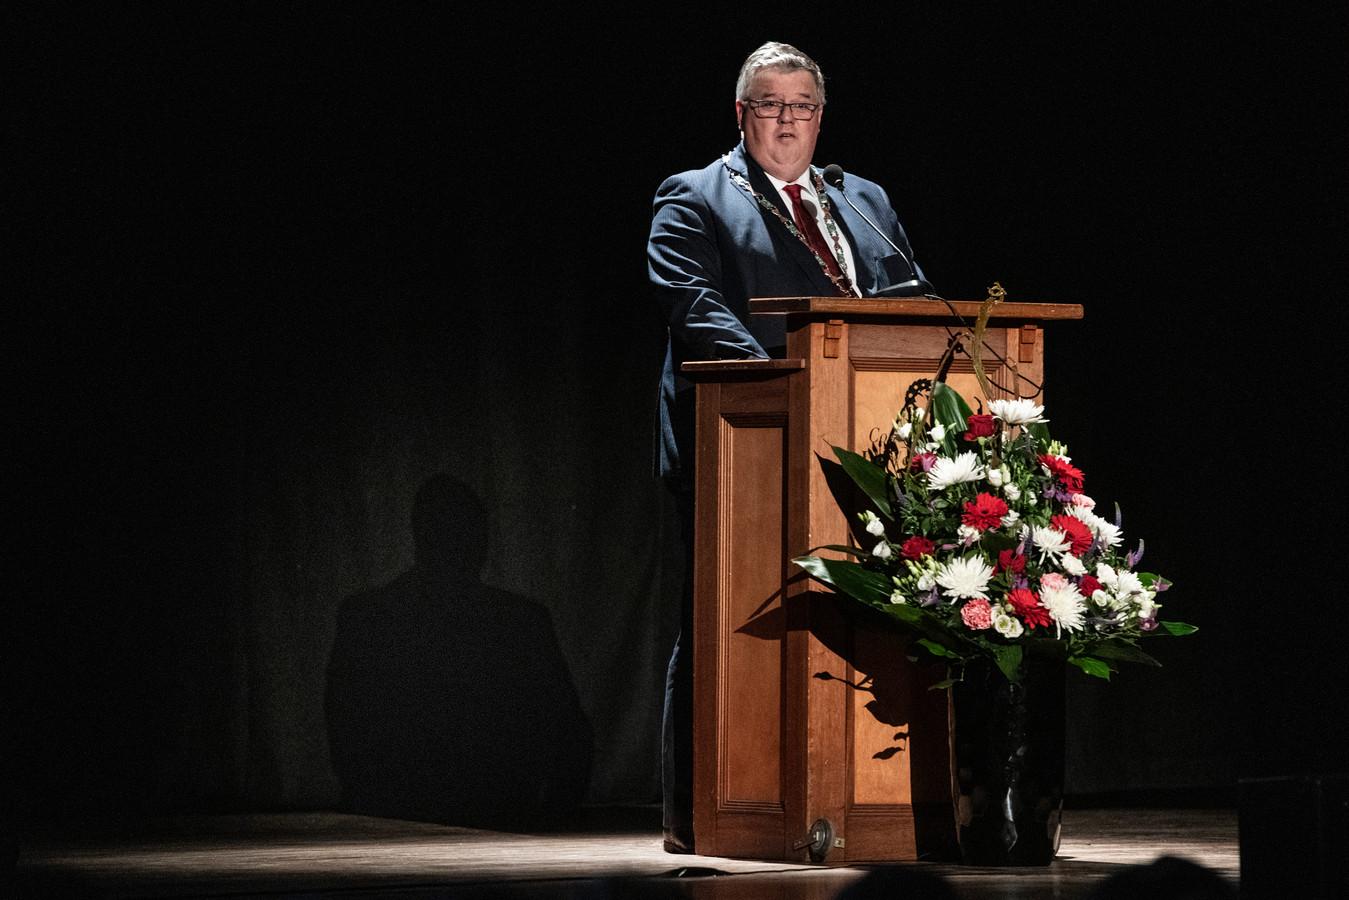 Burgemeester Bruls van Nijmegen.